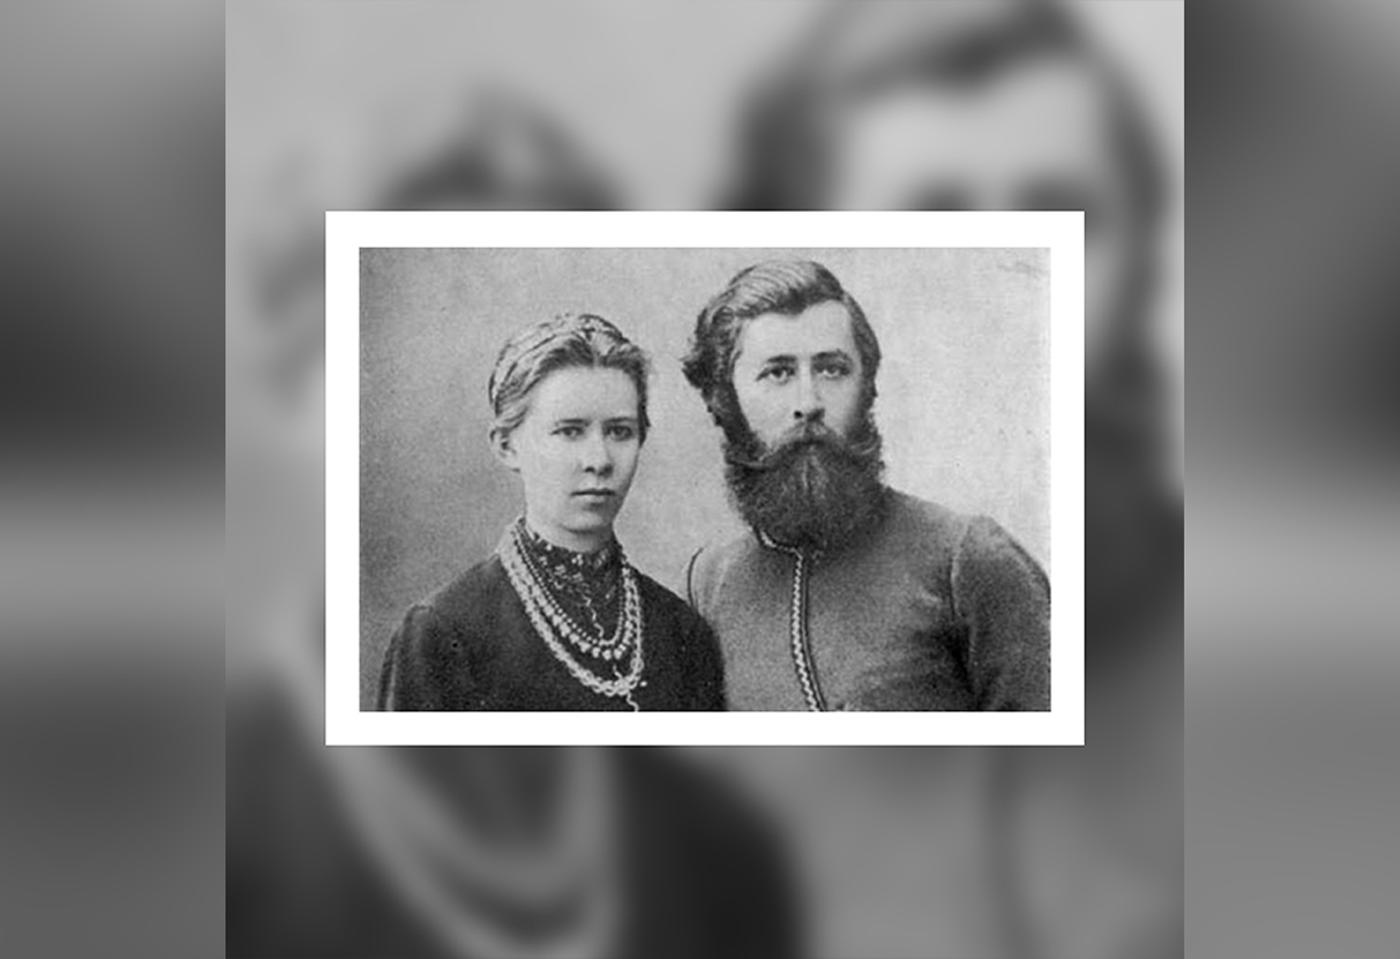 Історія кохання у фото: Леся Українка і Сергій Мержинський